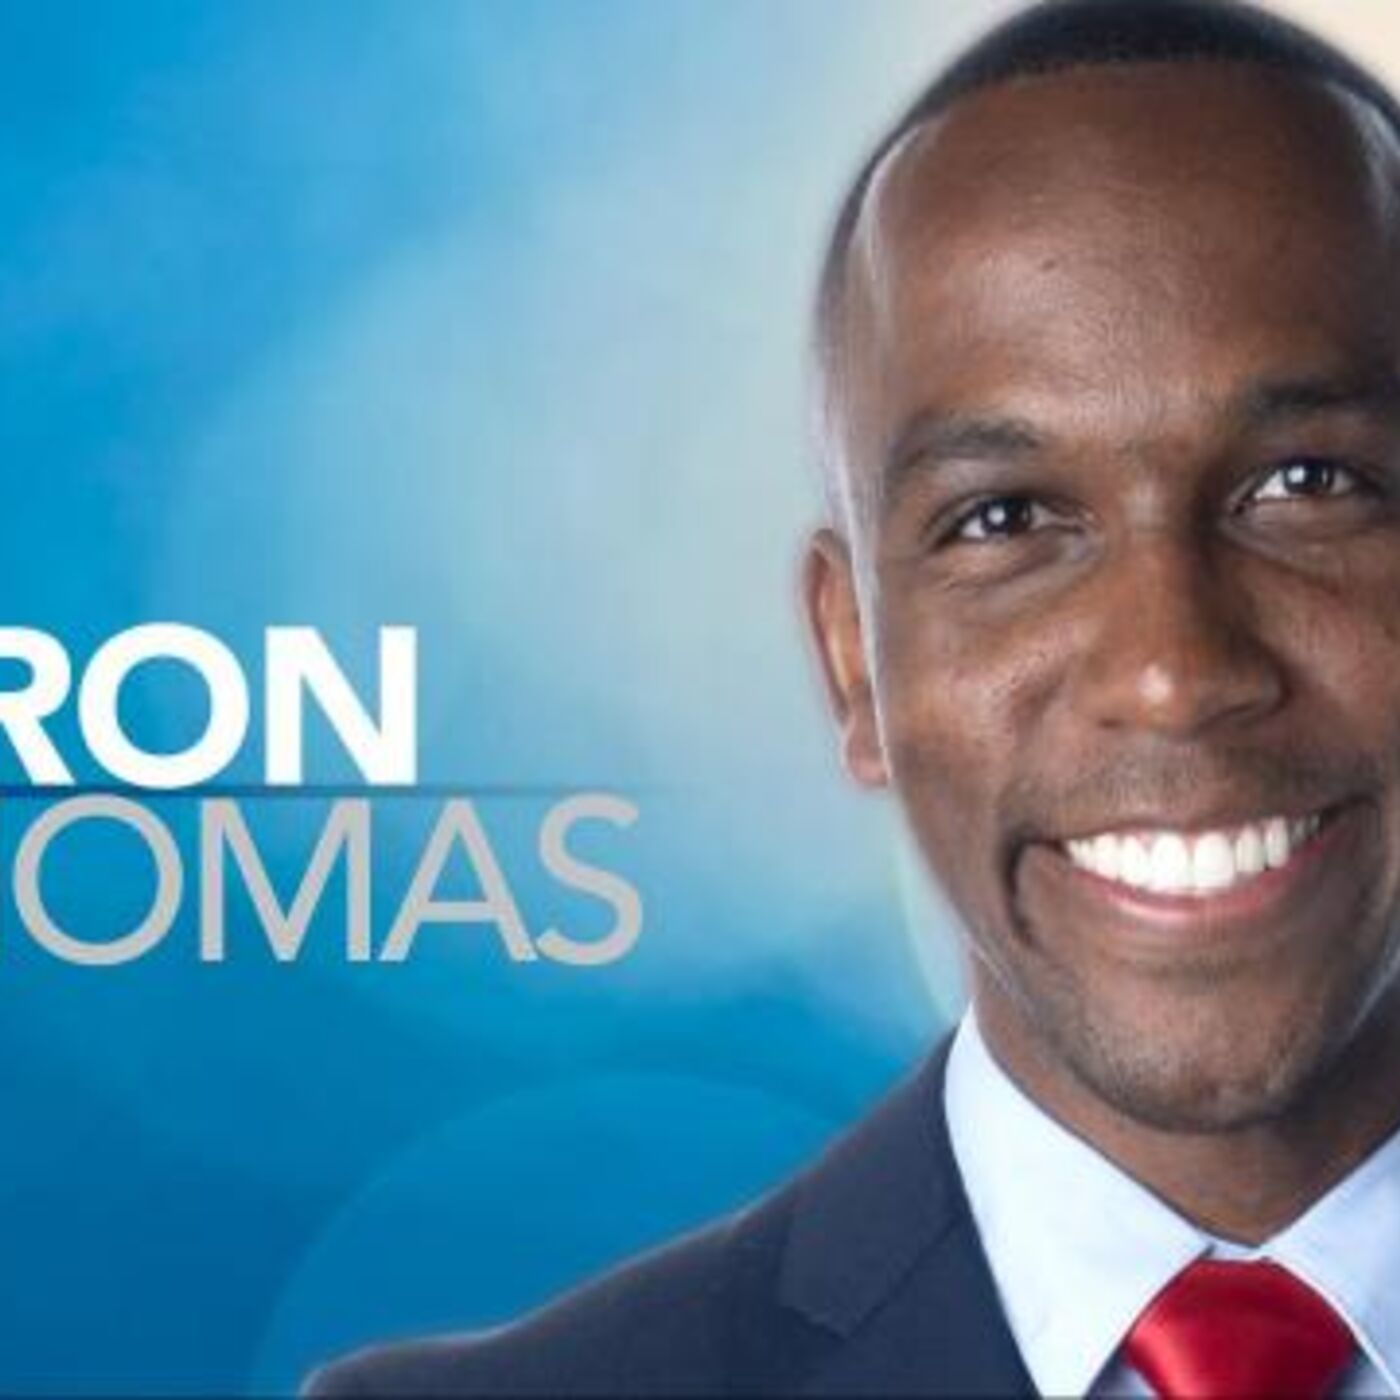 Aaron Thomas, WRAL TV reporter